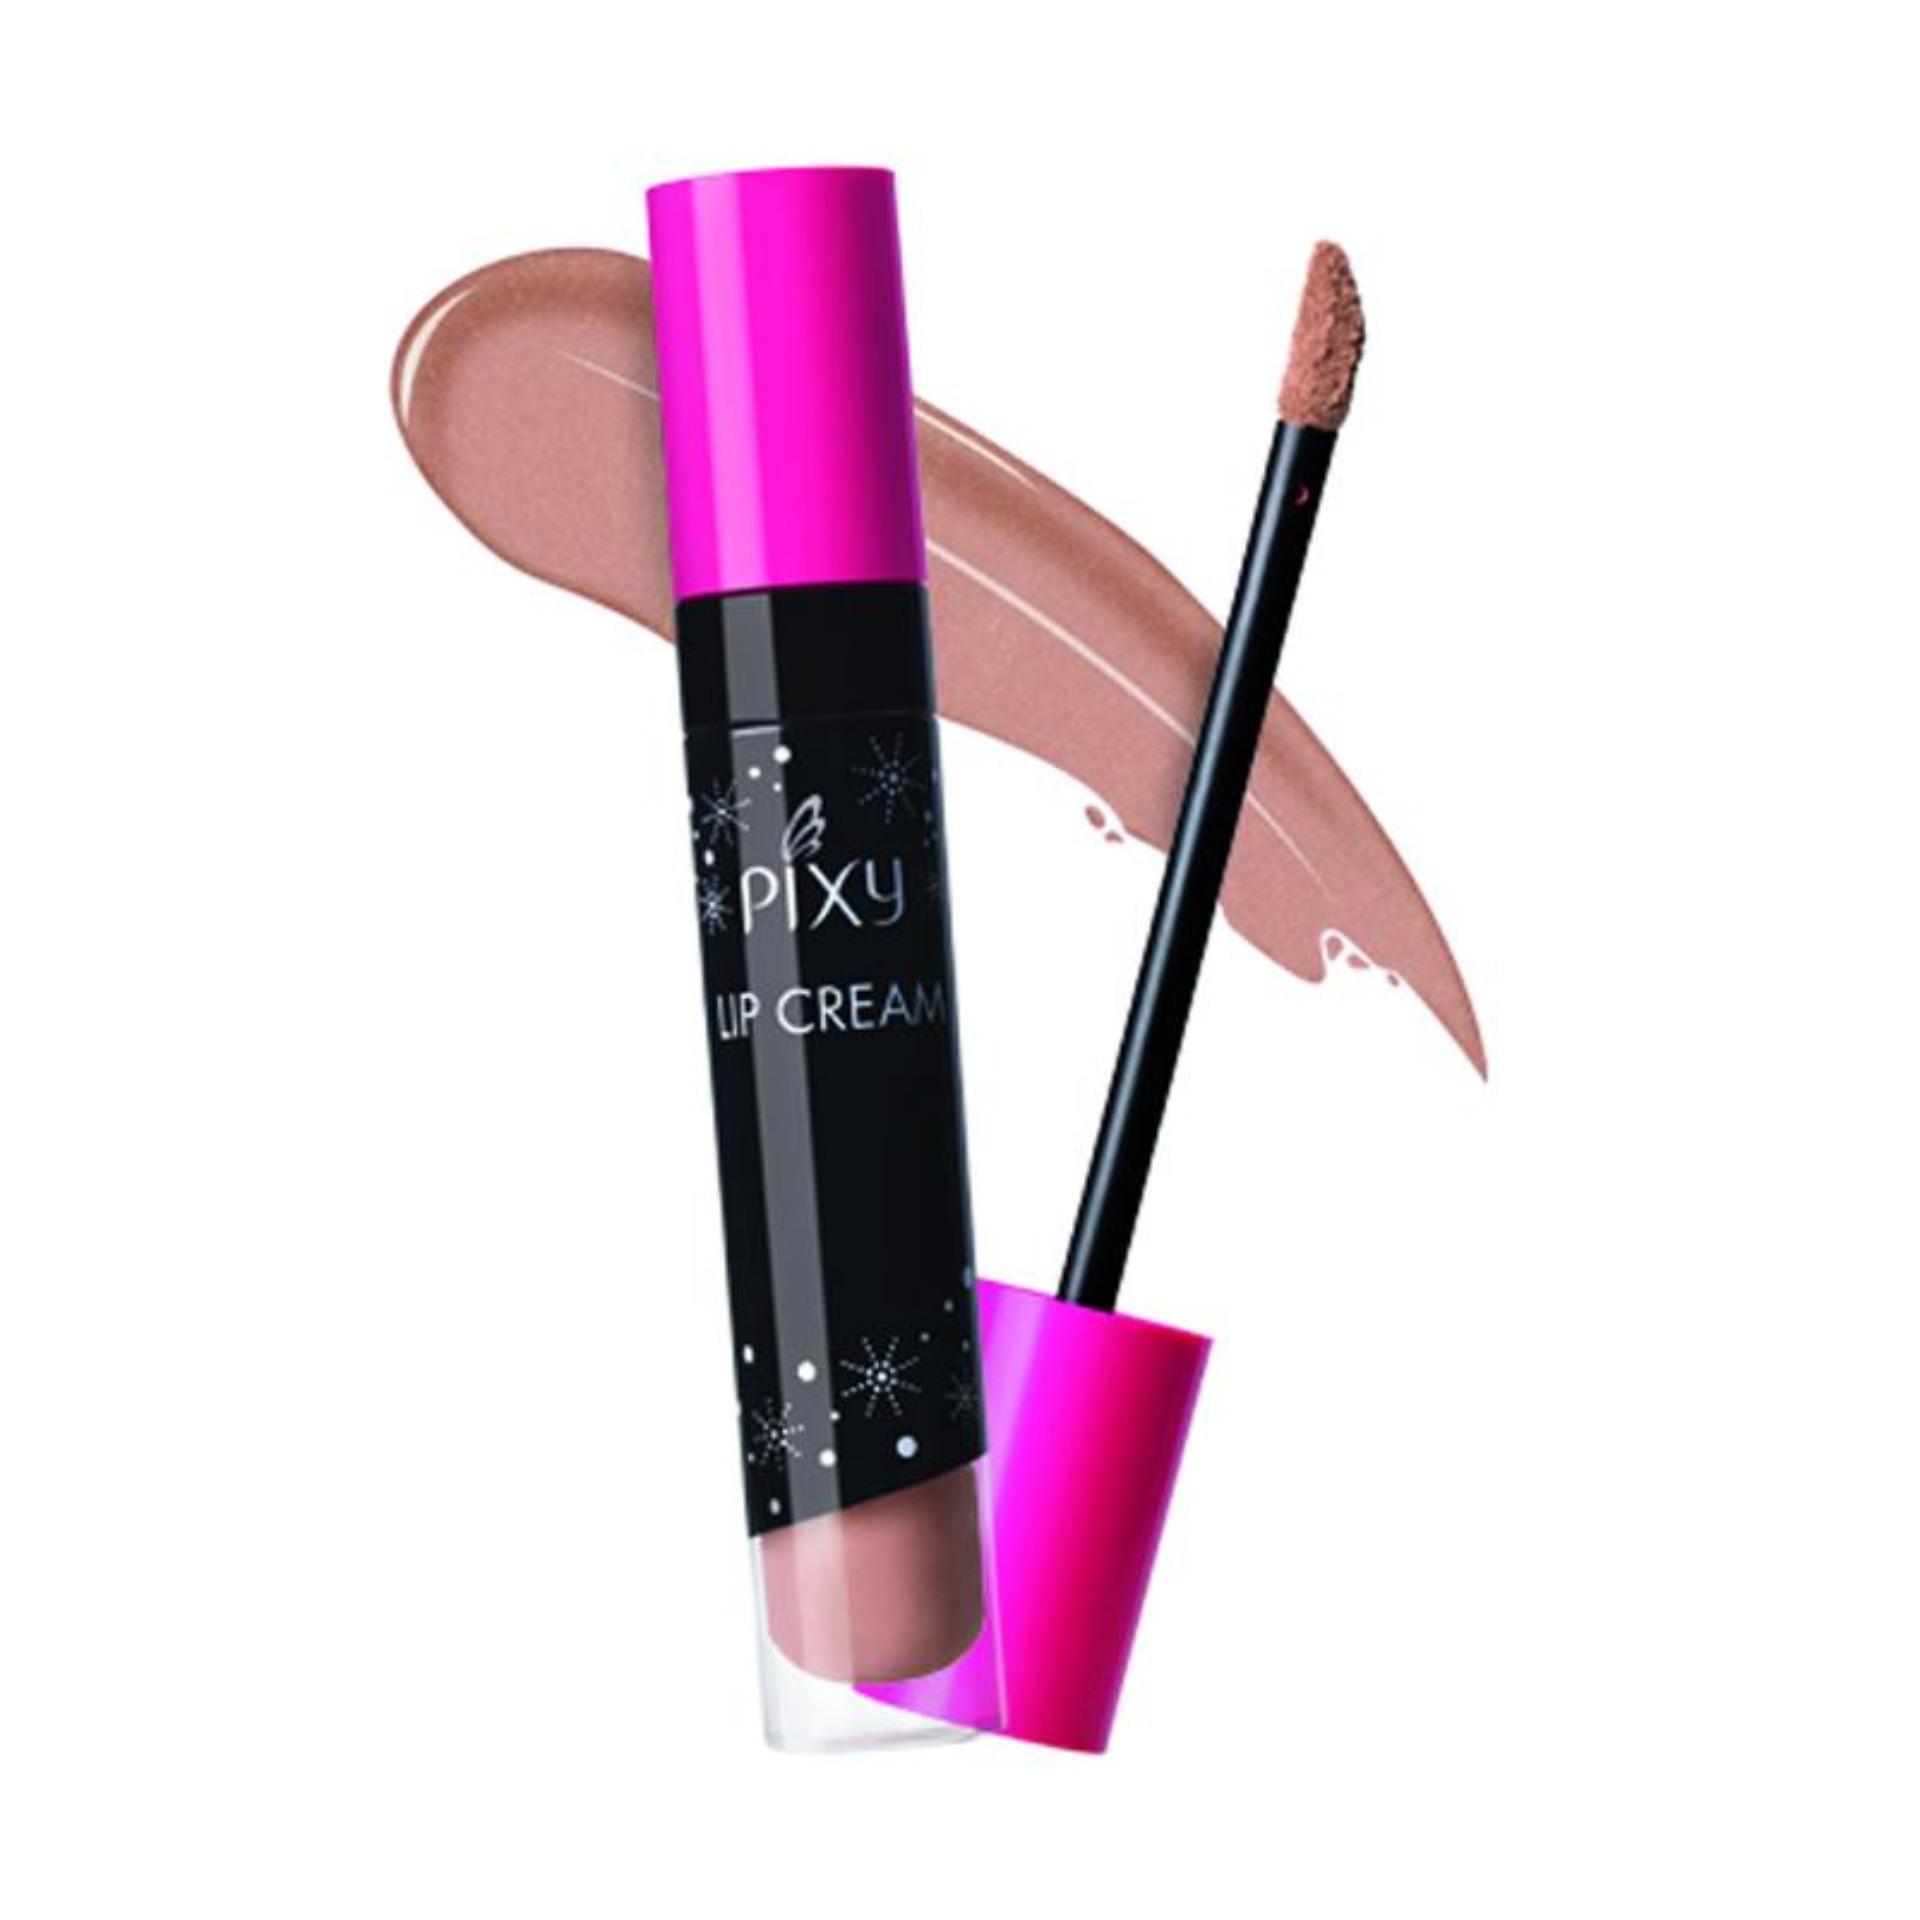 Pixy Lip Cream 09 Glam Coral